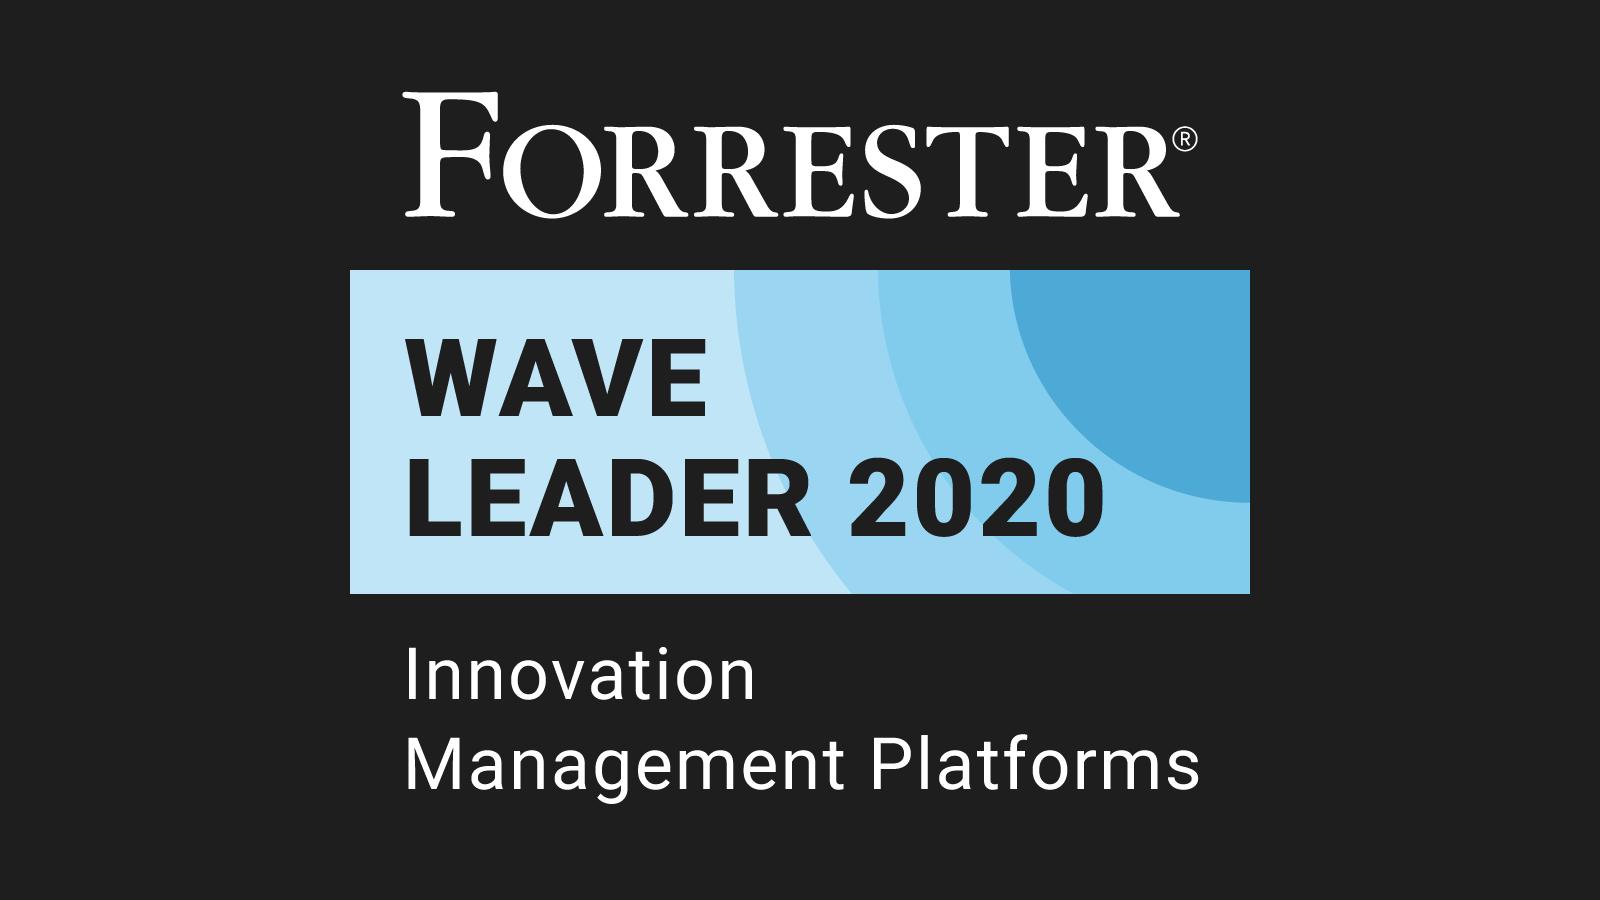 forrester wave innovation management